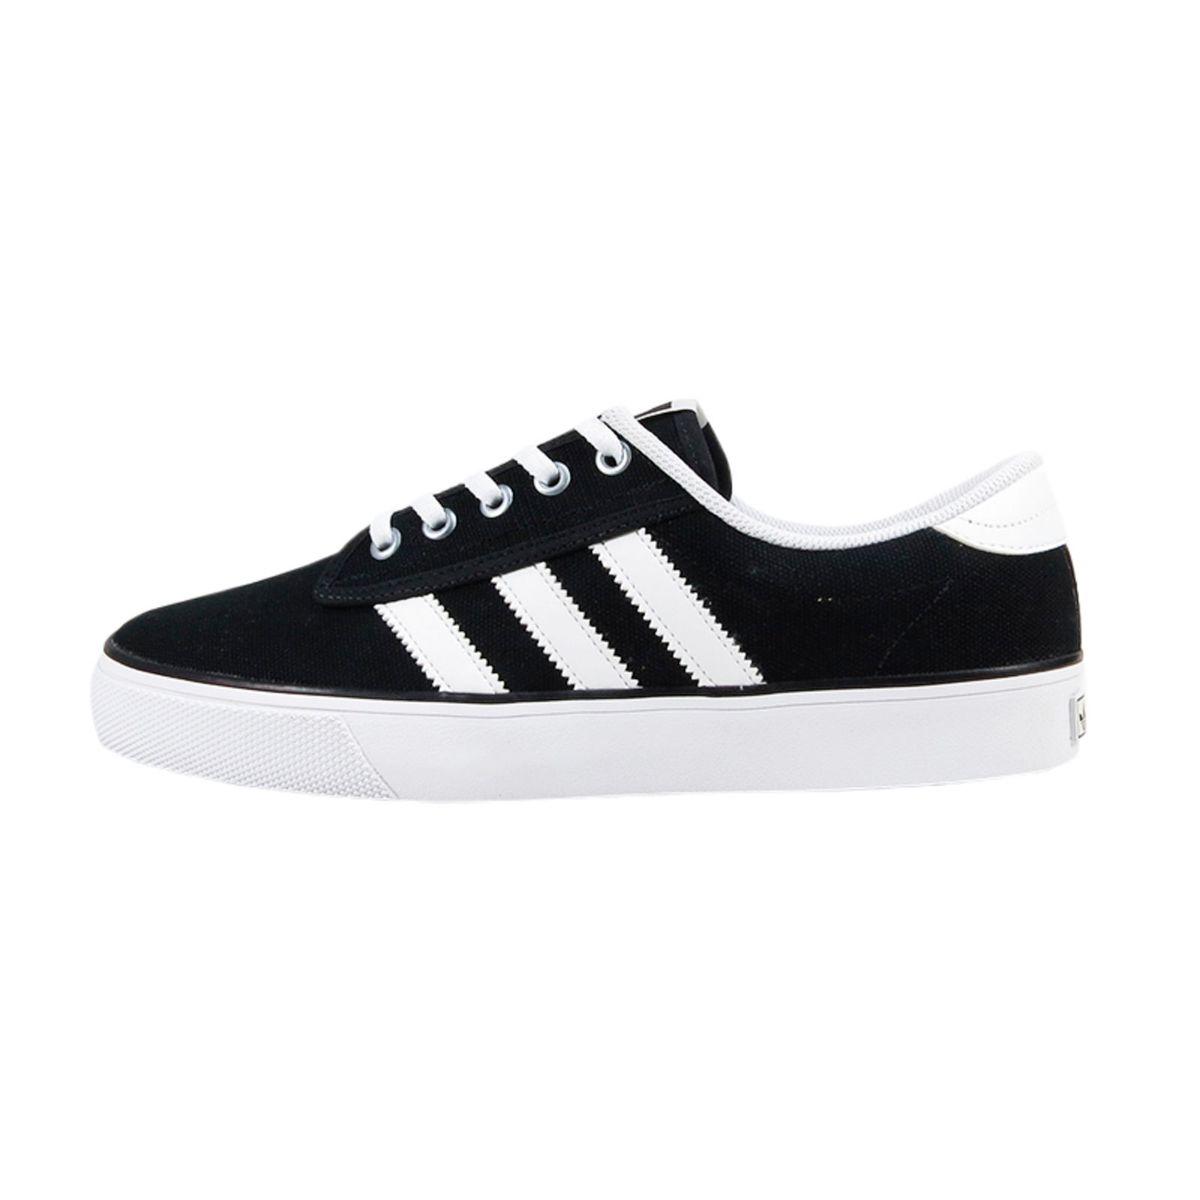 Tênis Adidas Kiel-preto  f921112506ecc